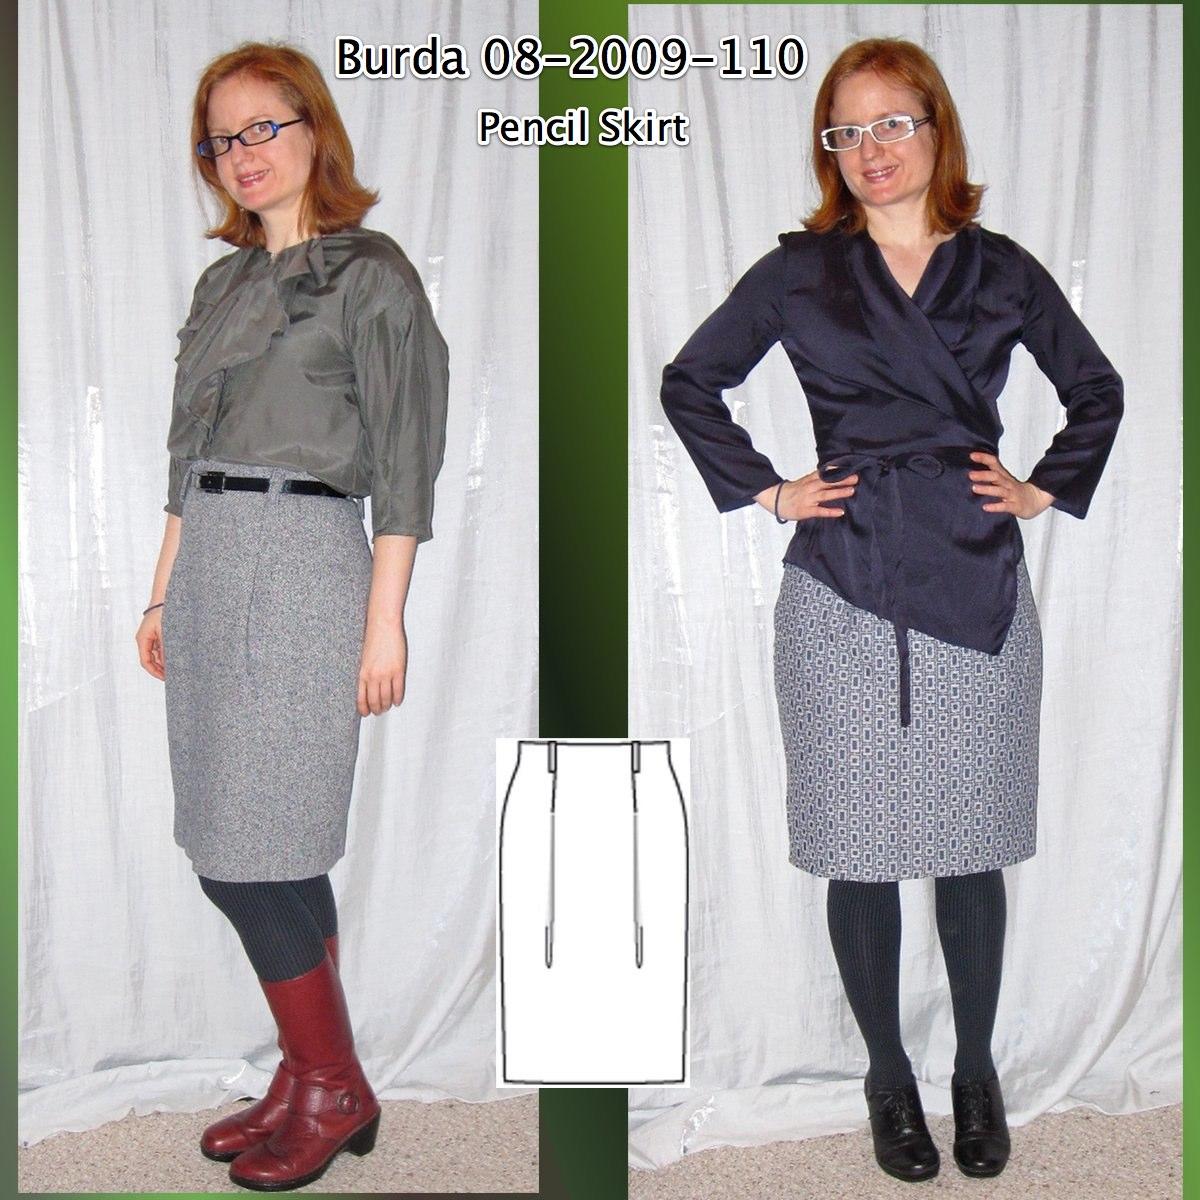 Burda 08-2009-110 Thumbnail